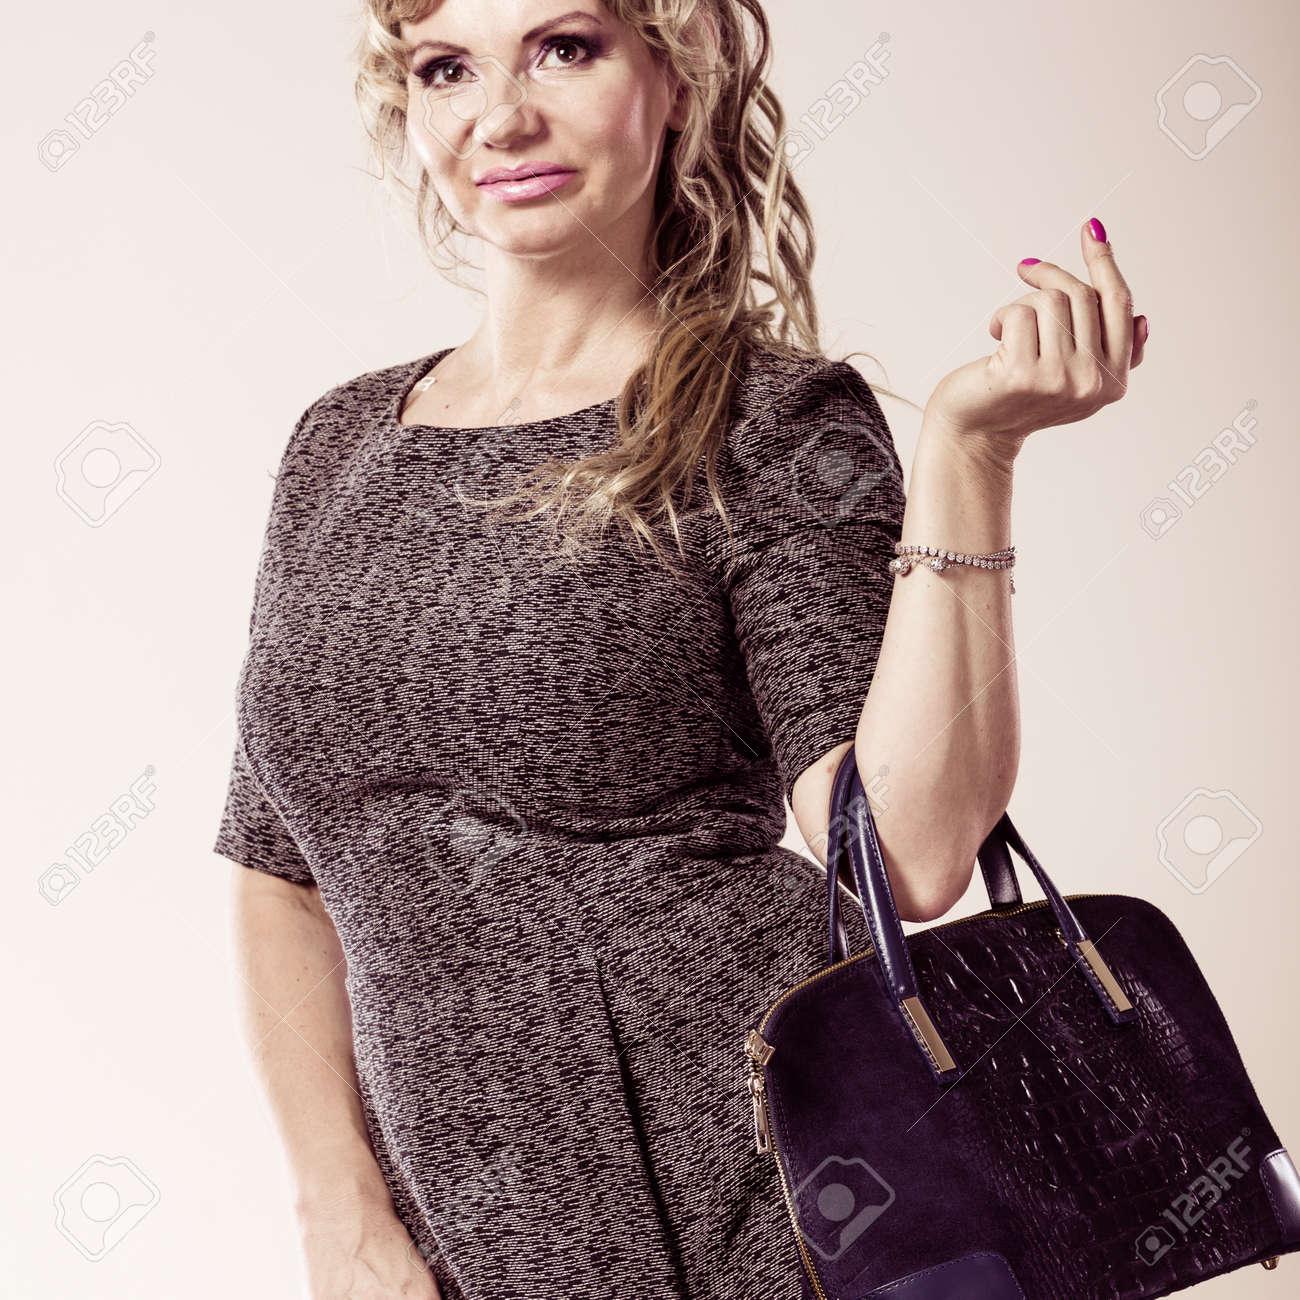 Sac De Robe Grise Mature Blonds À Avec Femmes Concept MainJolie Longs Une Portant Et Femme A Cheveux Mode AccessoiresDame MLzVjUpGqS